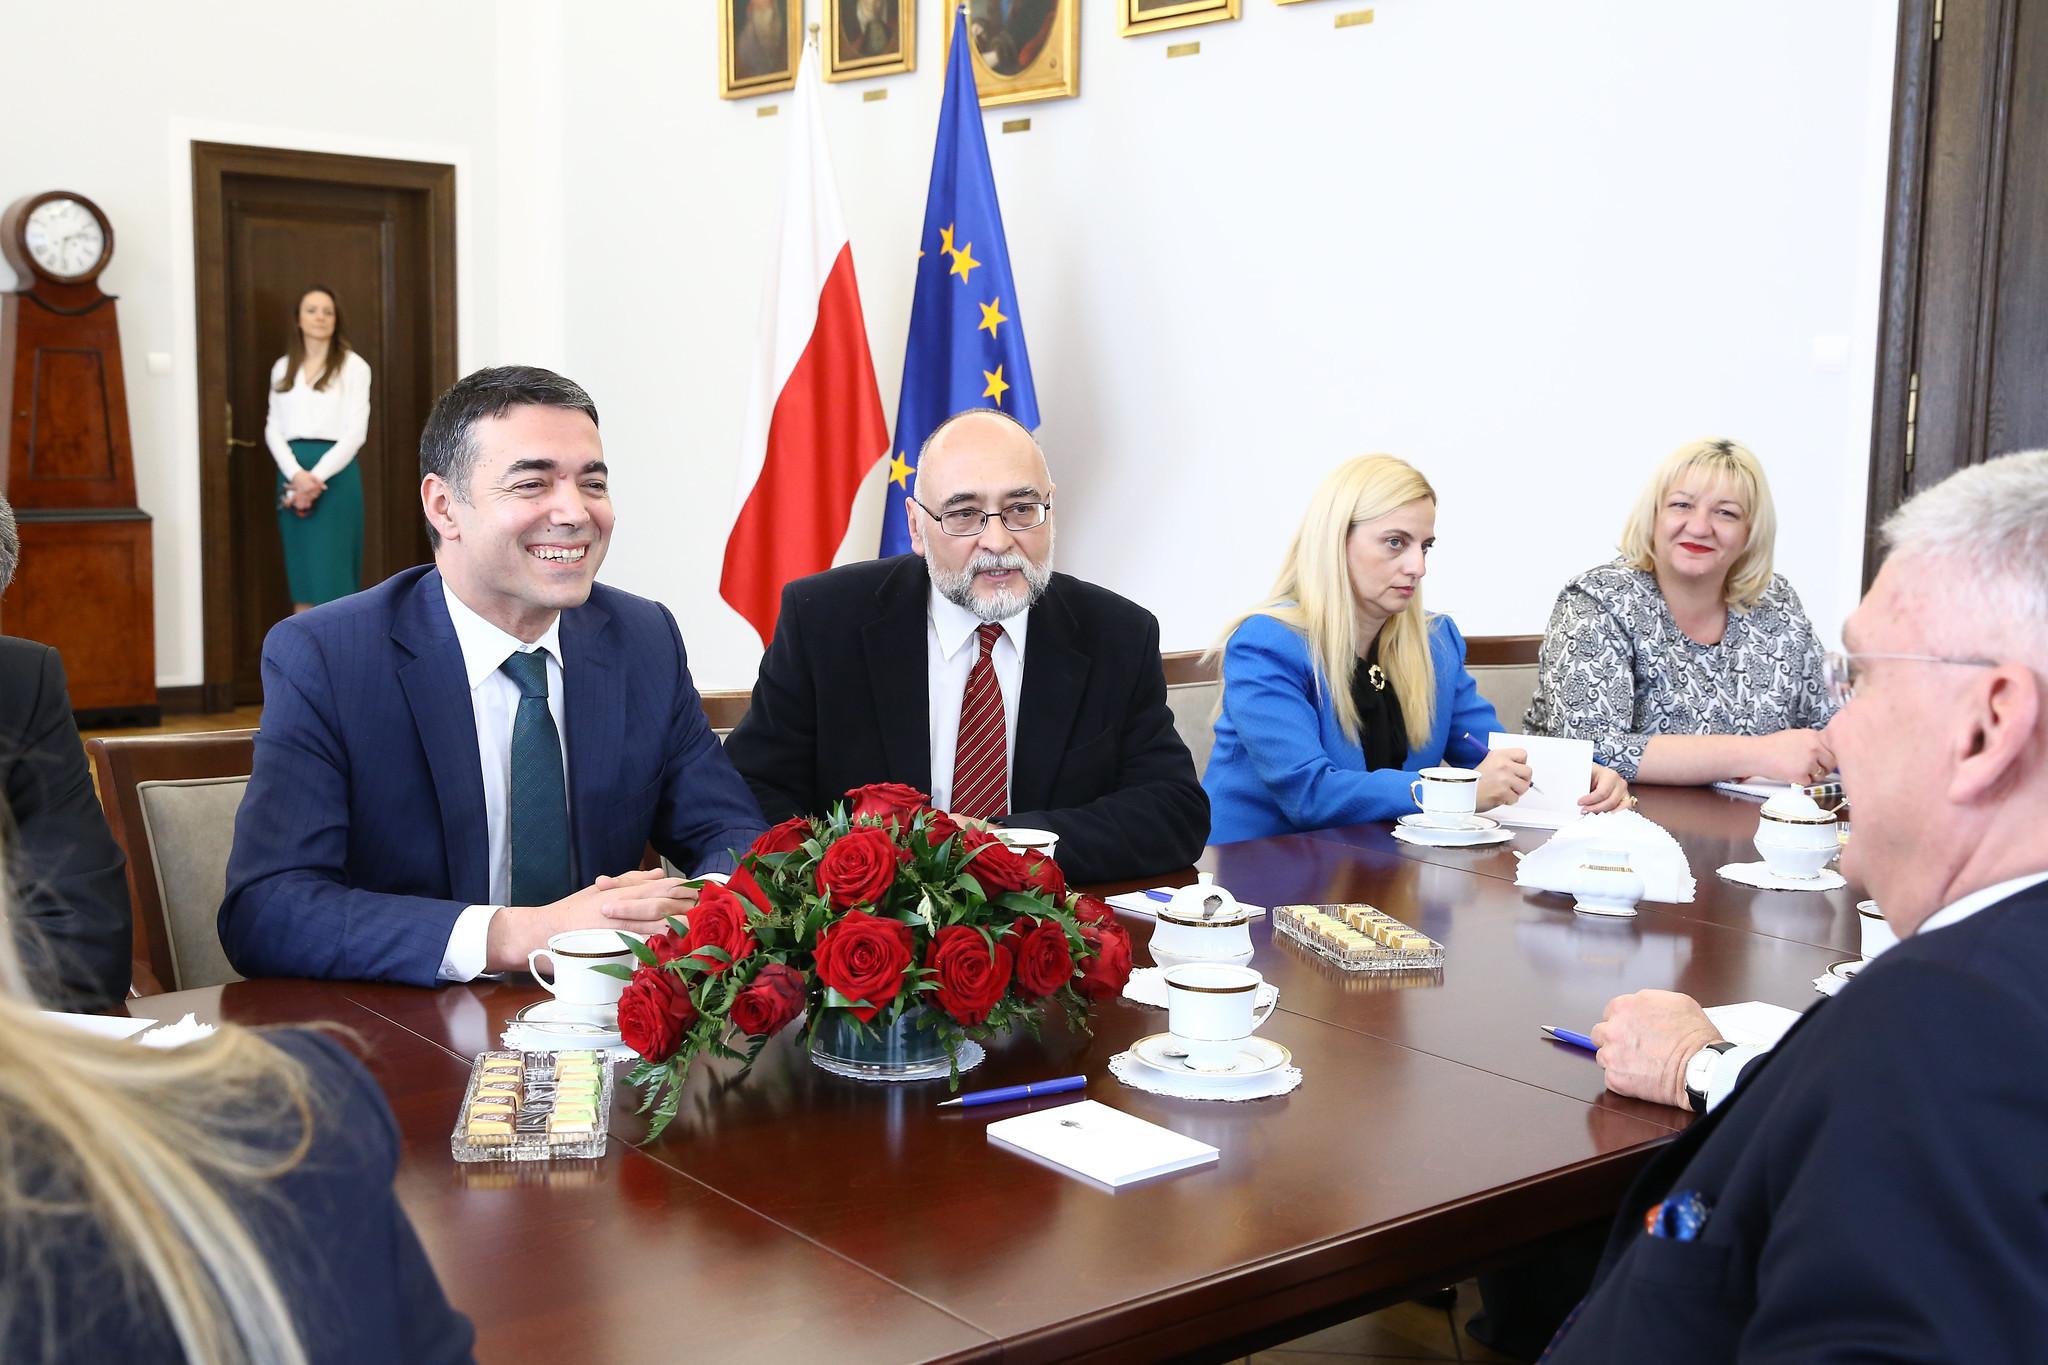 Wizyta ministra spraw zagranicznych Republiki Macedonii Północnej Nikoli Dimitrova, kwiecień 2019